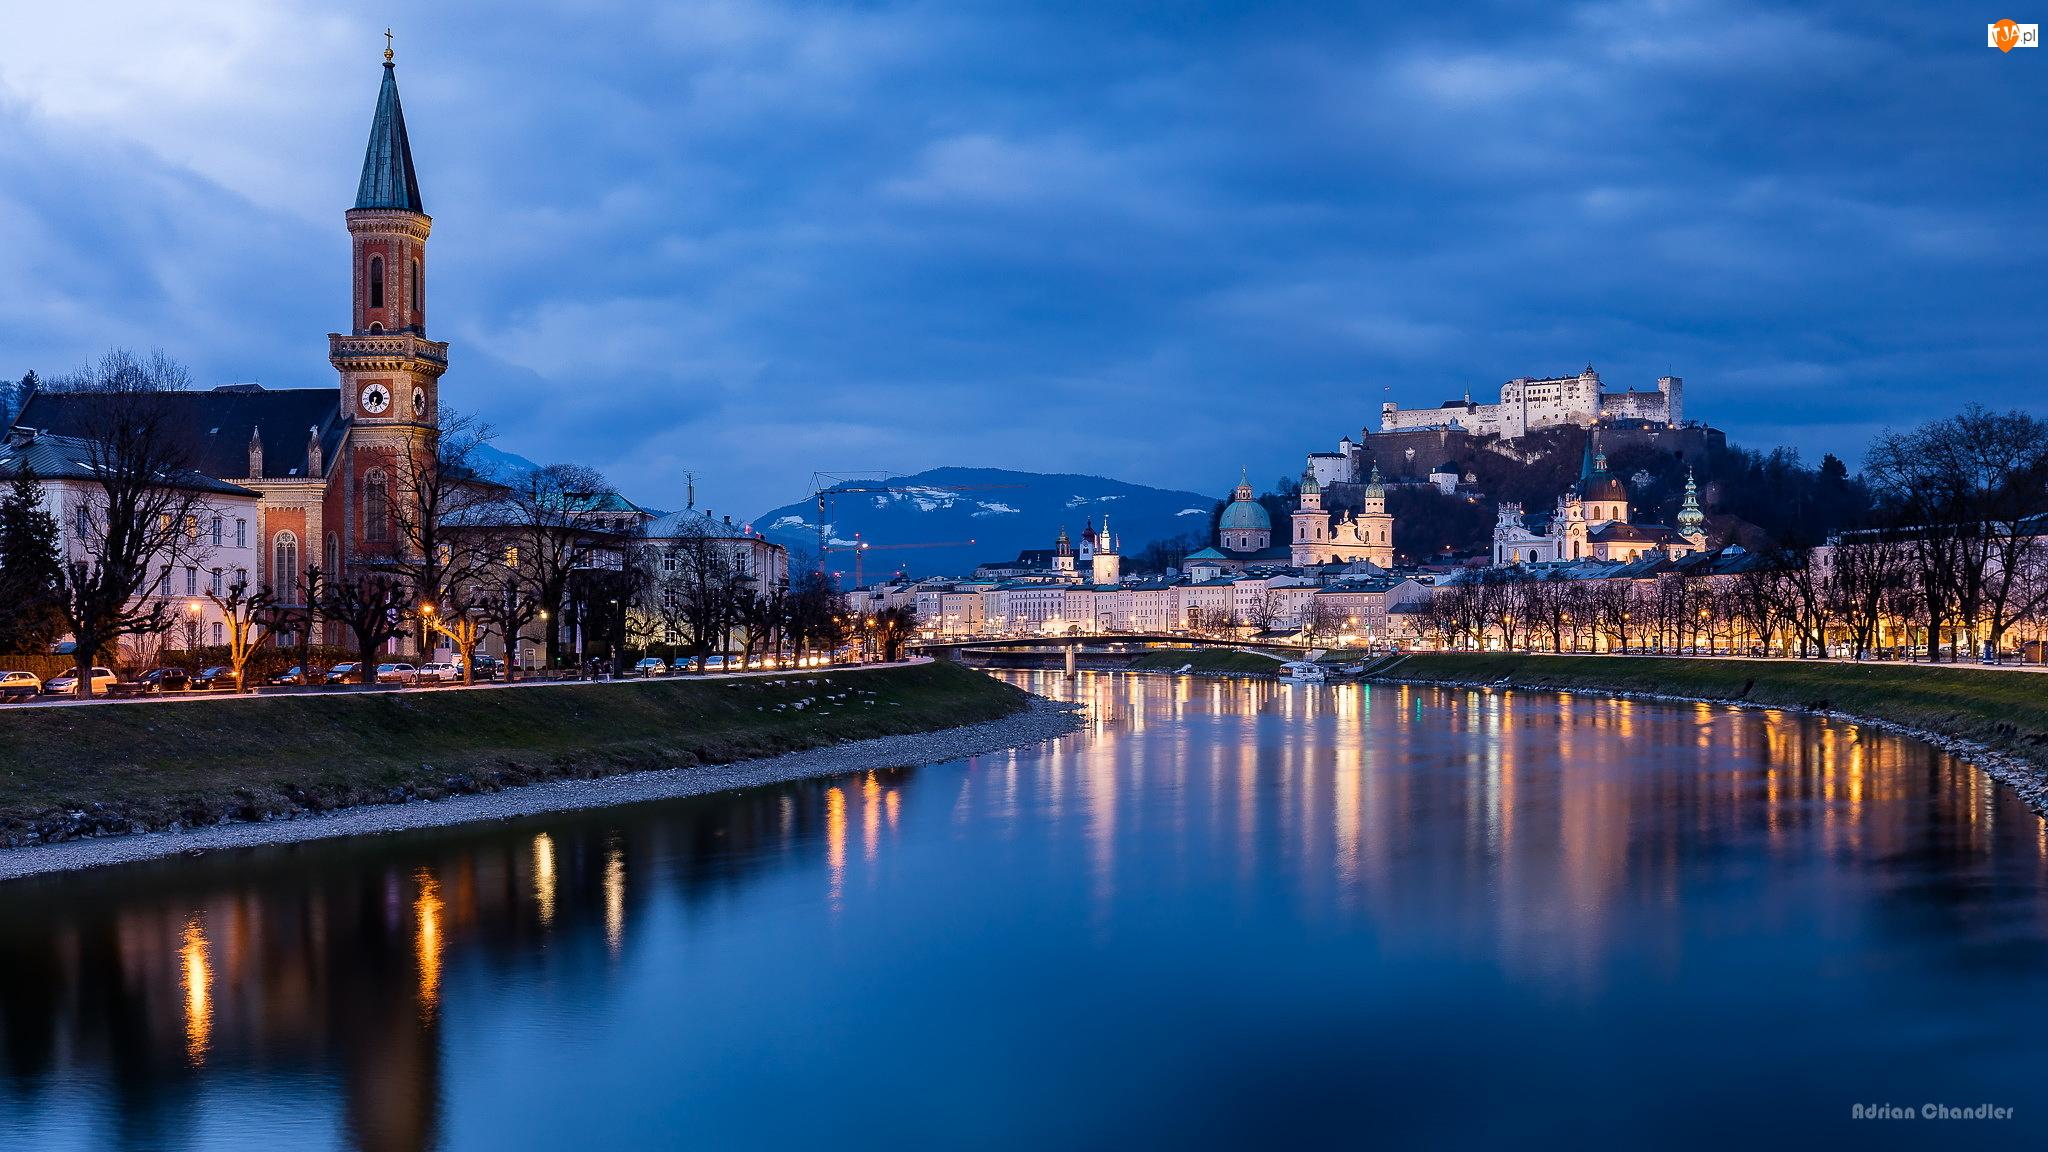 Zamek Hohensalzburg, Rzeka Salzach, Wzgórze Festungsberg, Salzburg, Kościół, Twierdza, Austria, Domy